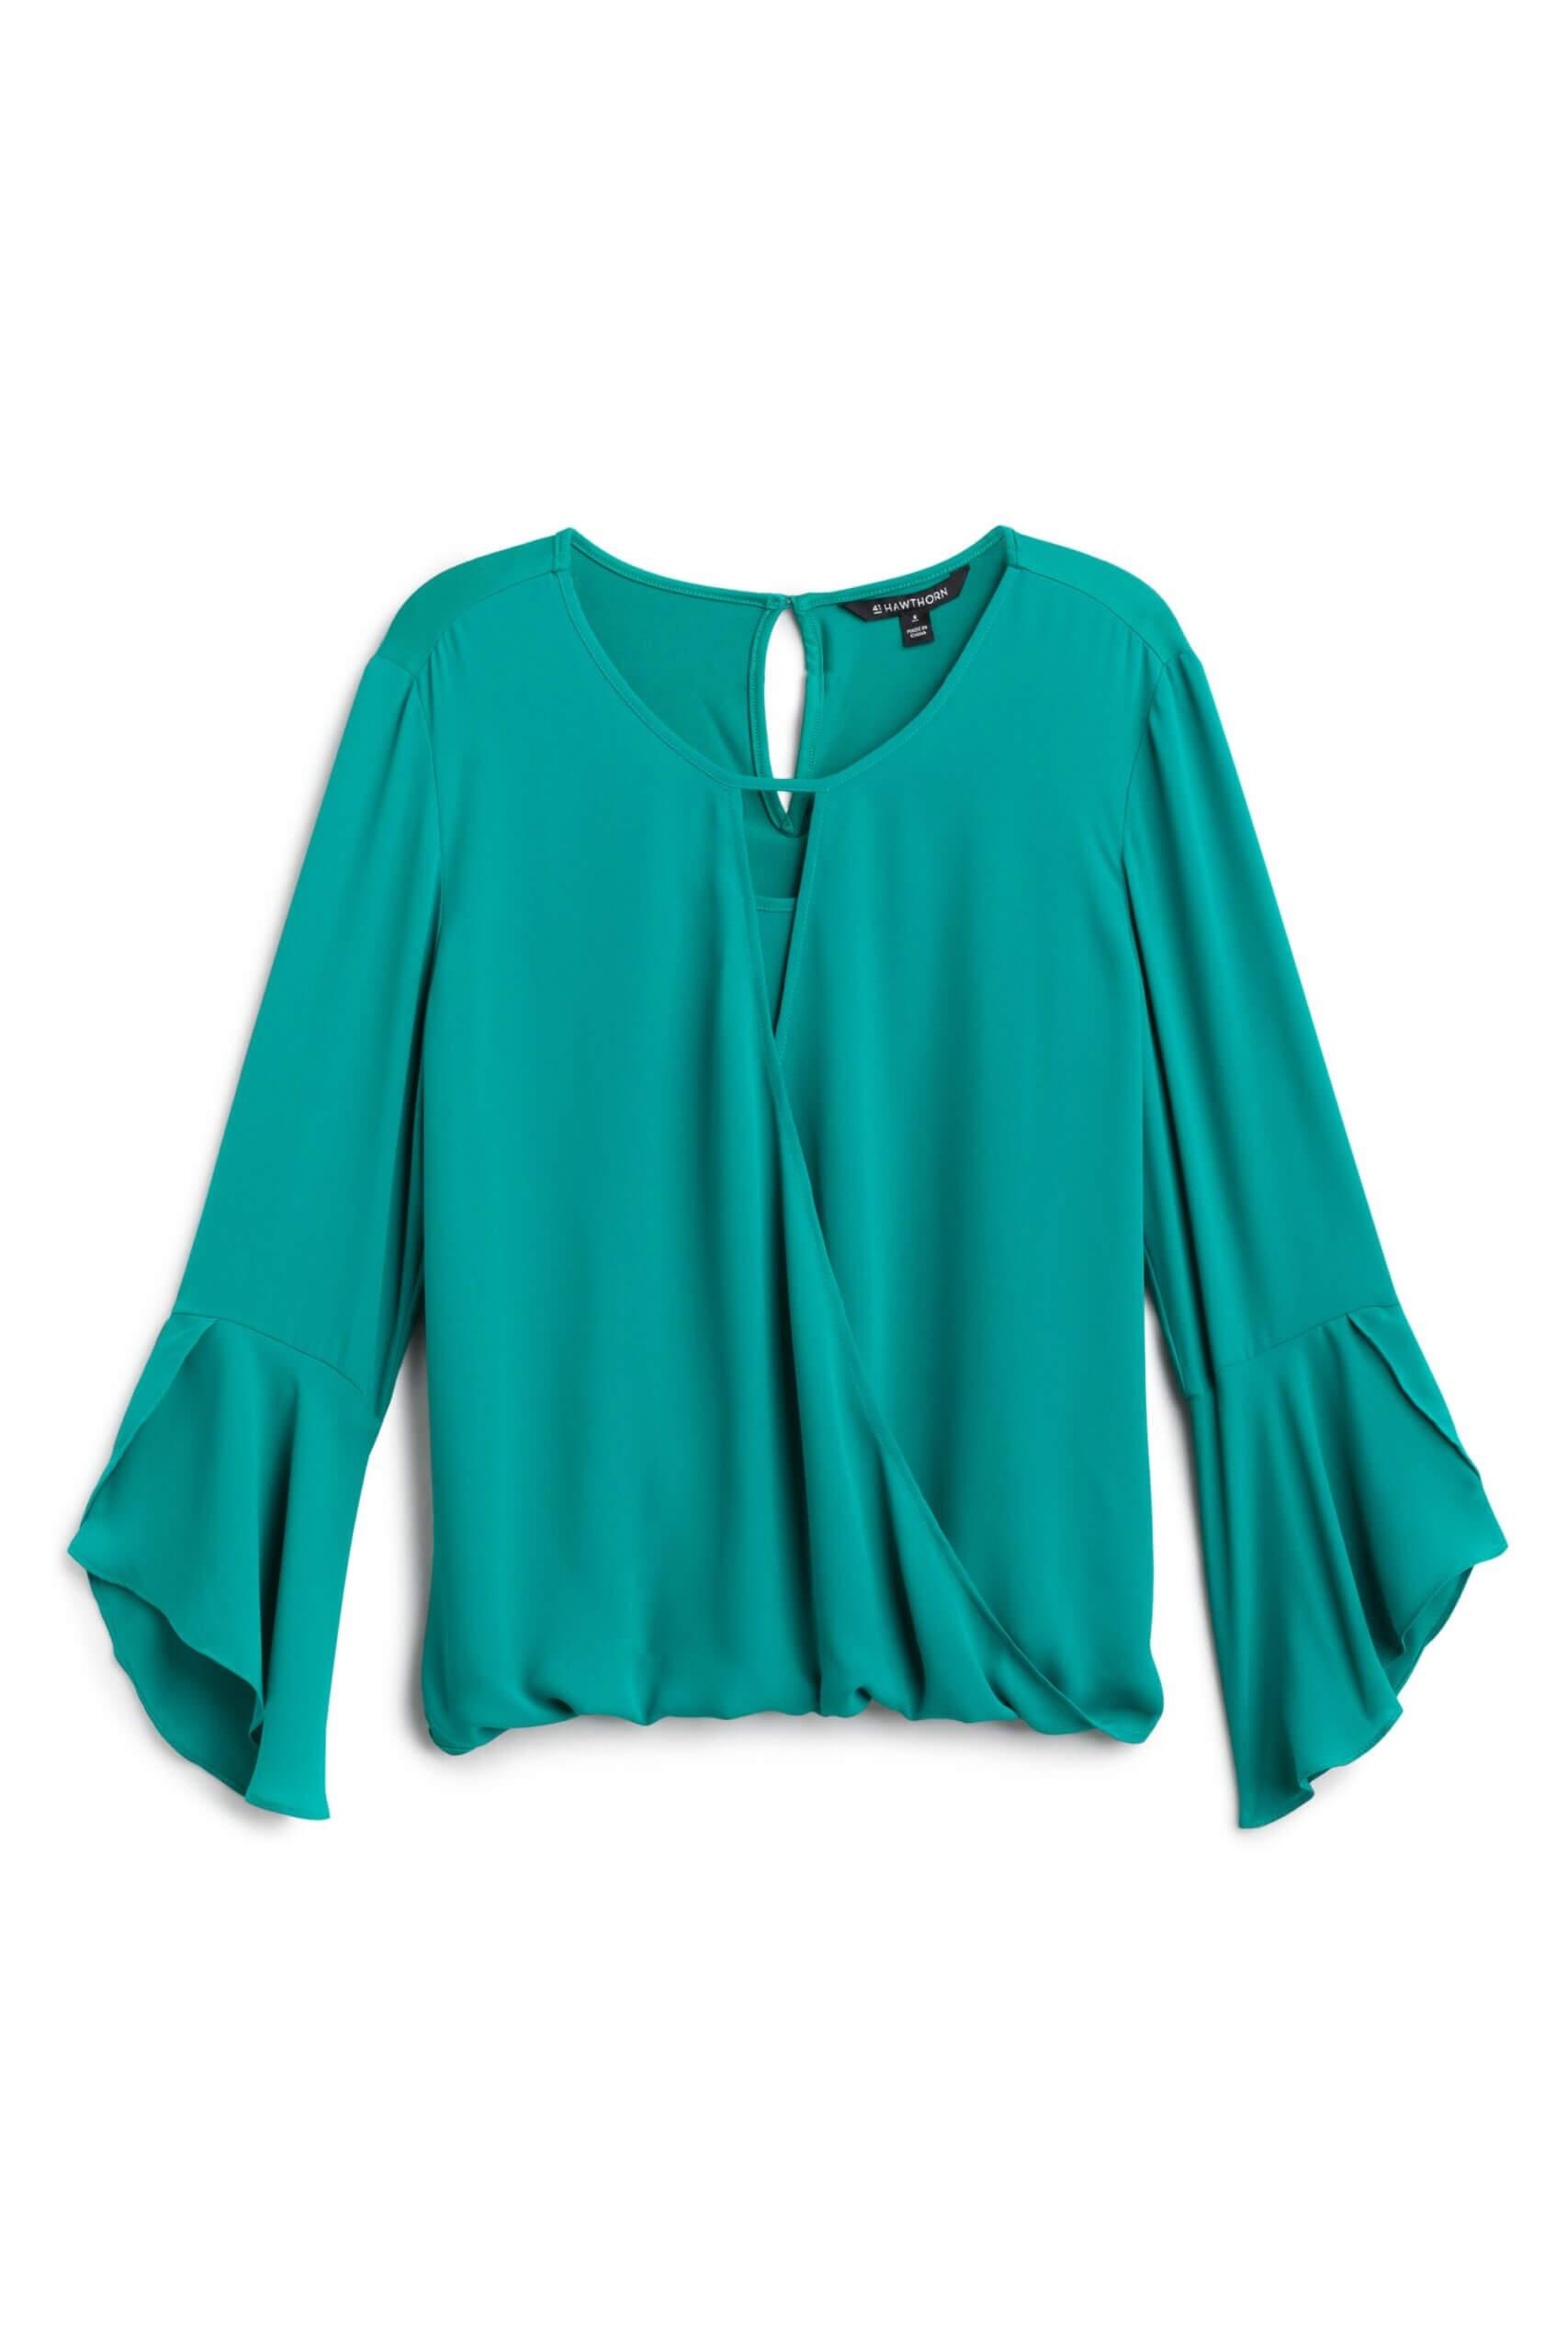 Stitch Fix women's green bell sleeve blouse.